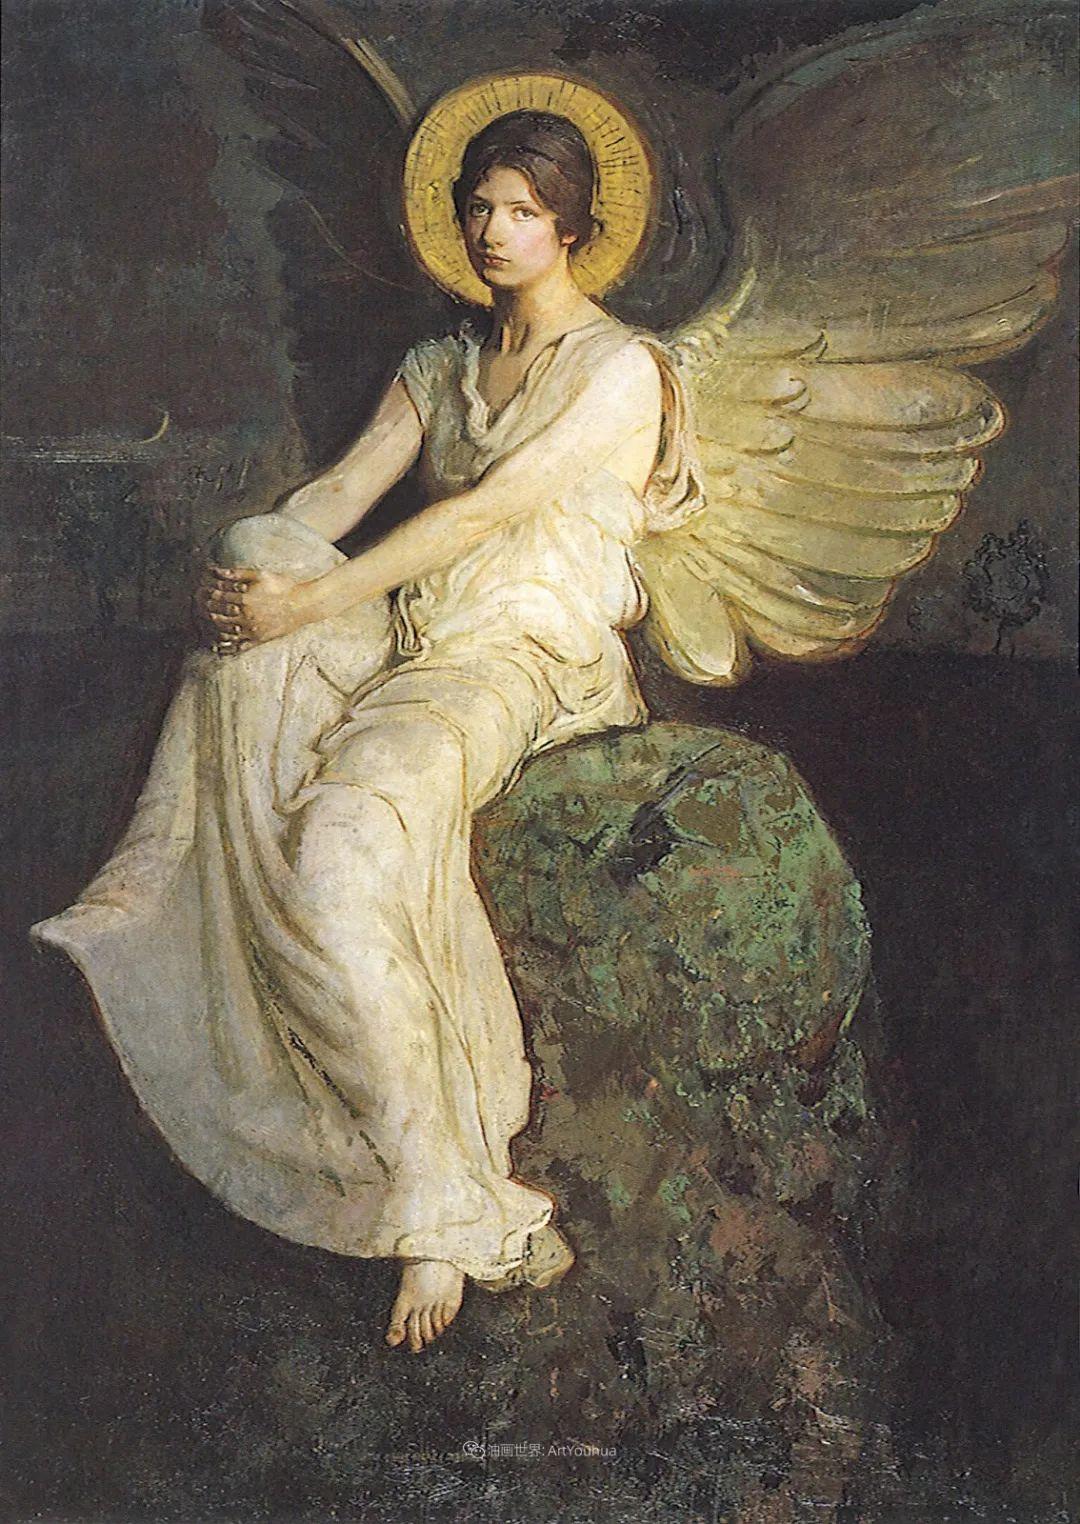 空灵的天使,精美绝伦!插图25